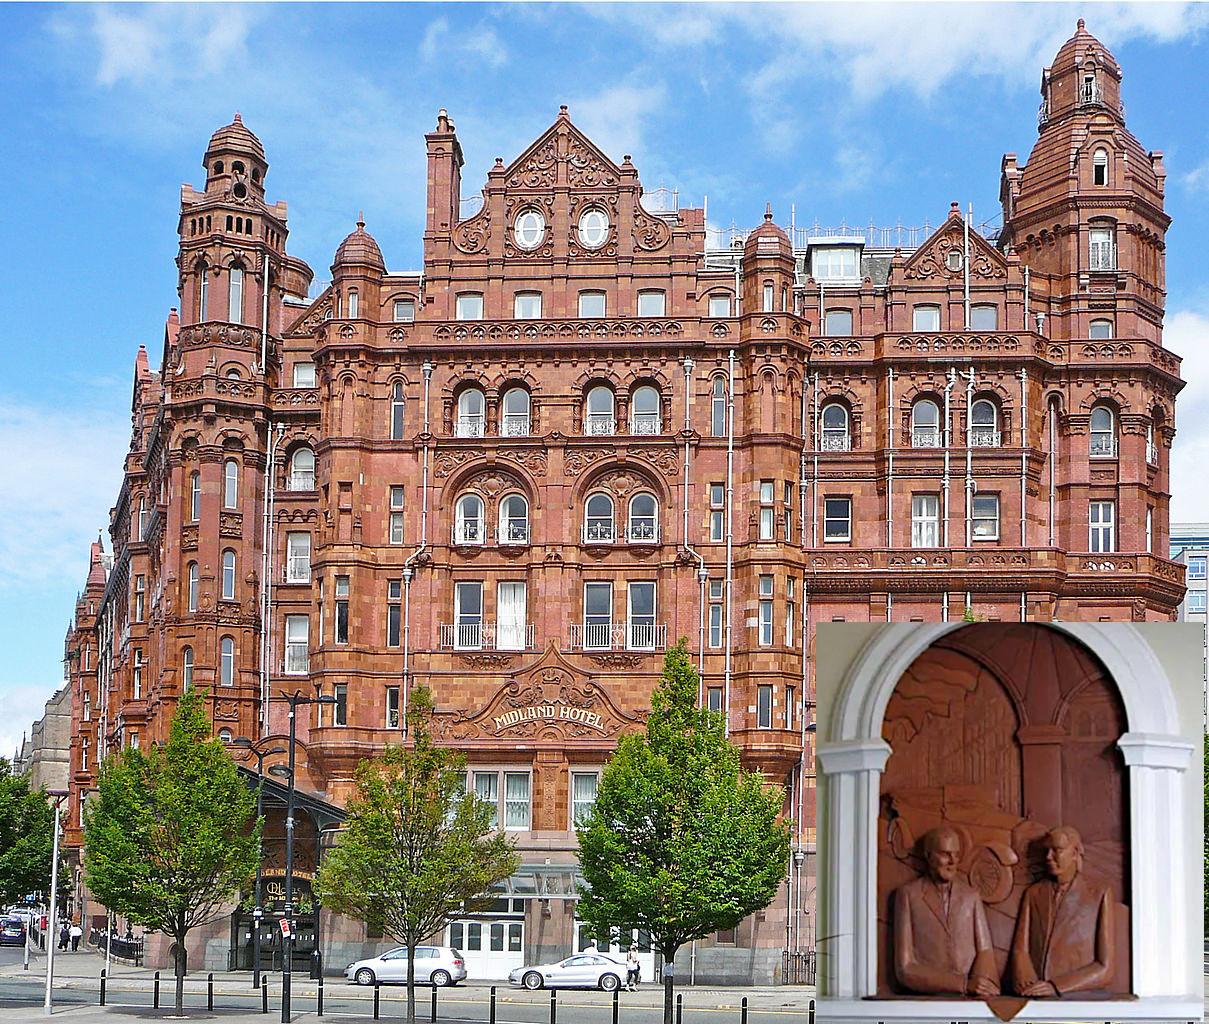 Место рождения Роллс-Ройса, отель «Мидленд» в Манчестере, где произошла встреча Роллса и Ройса. На врезке – мемориальное панно в лобби отеля, посвящённое этому знаменательному событию